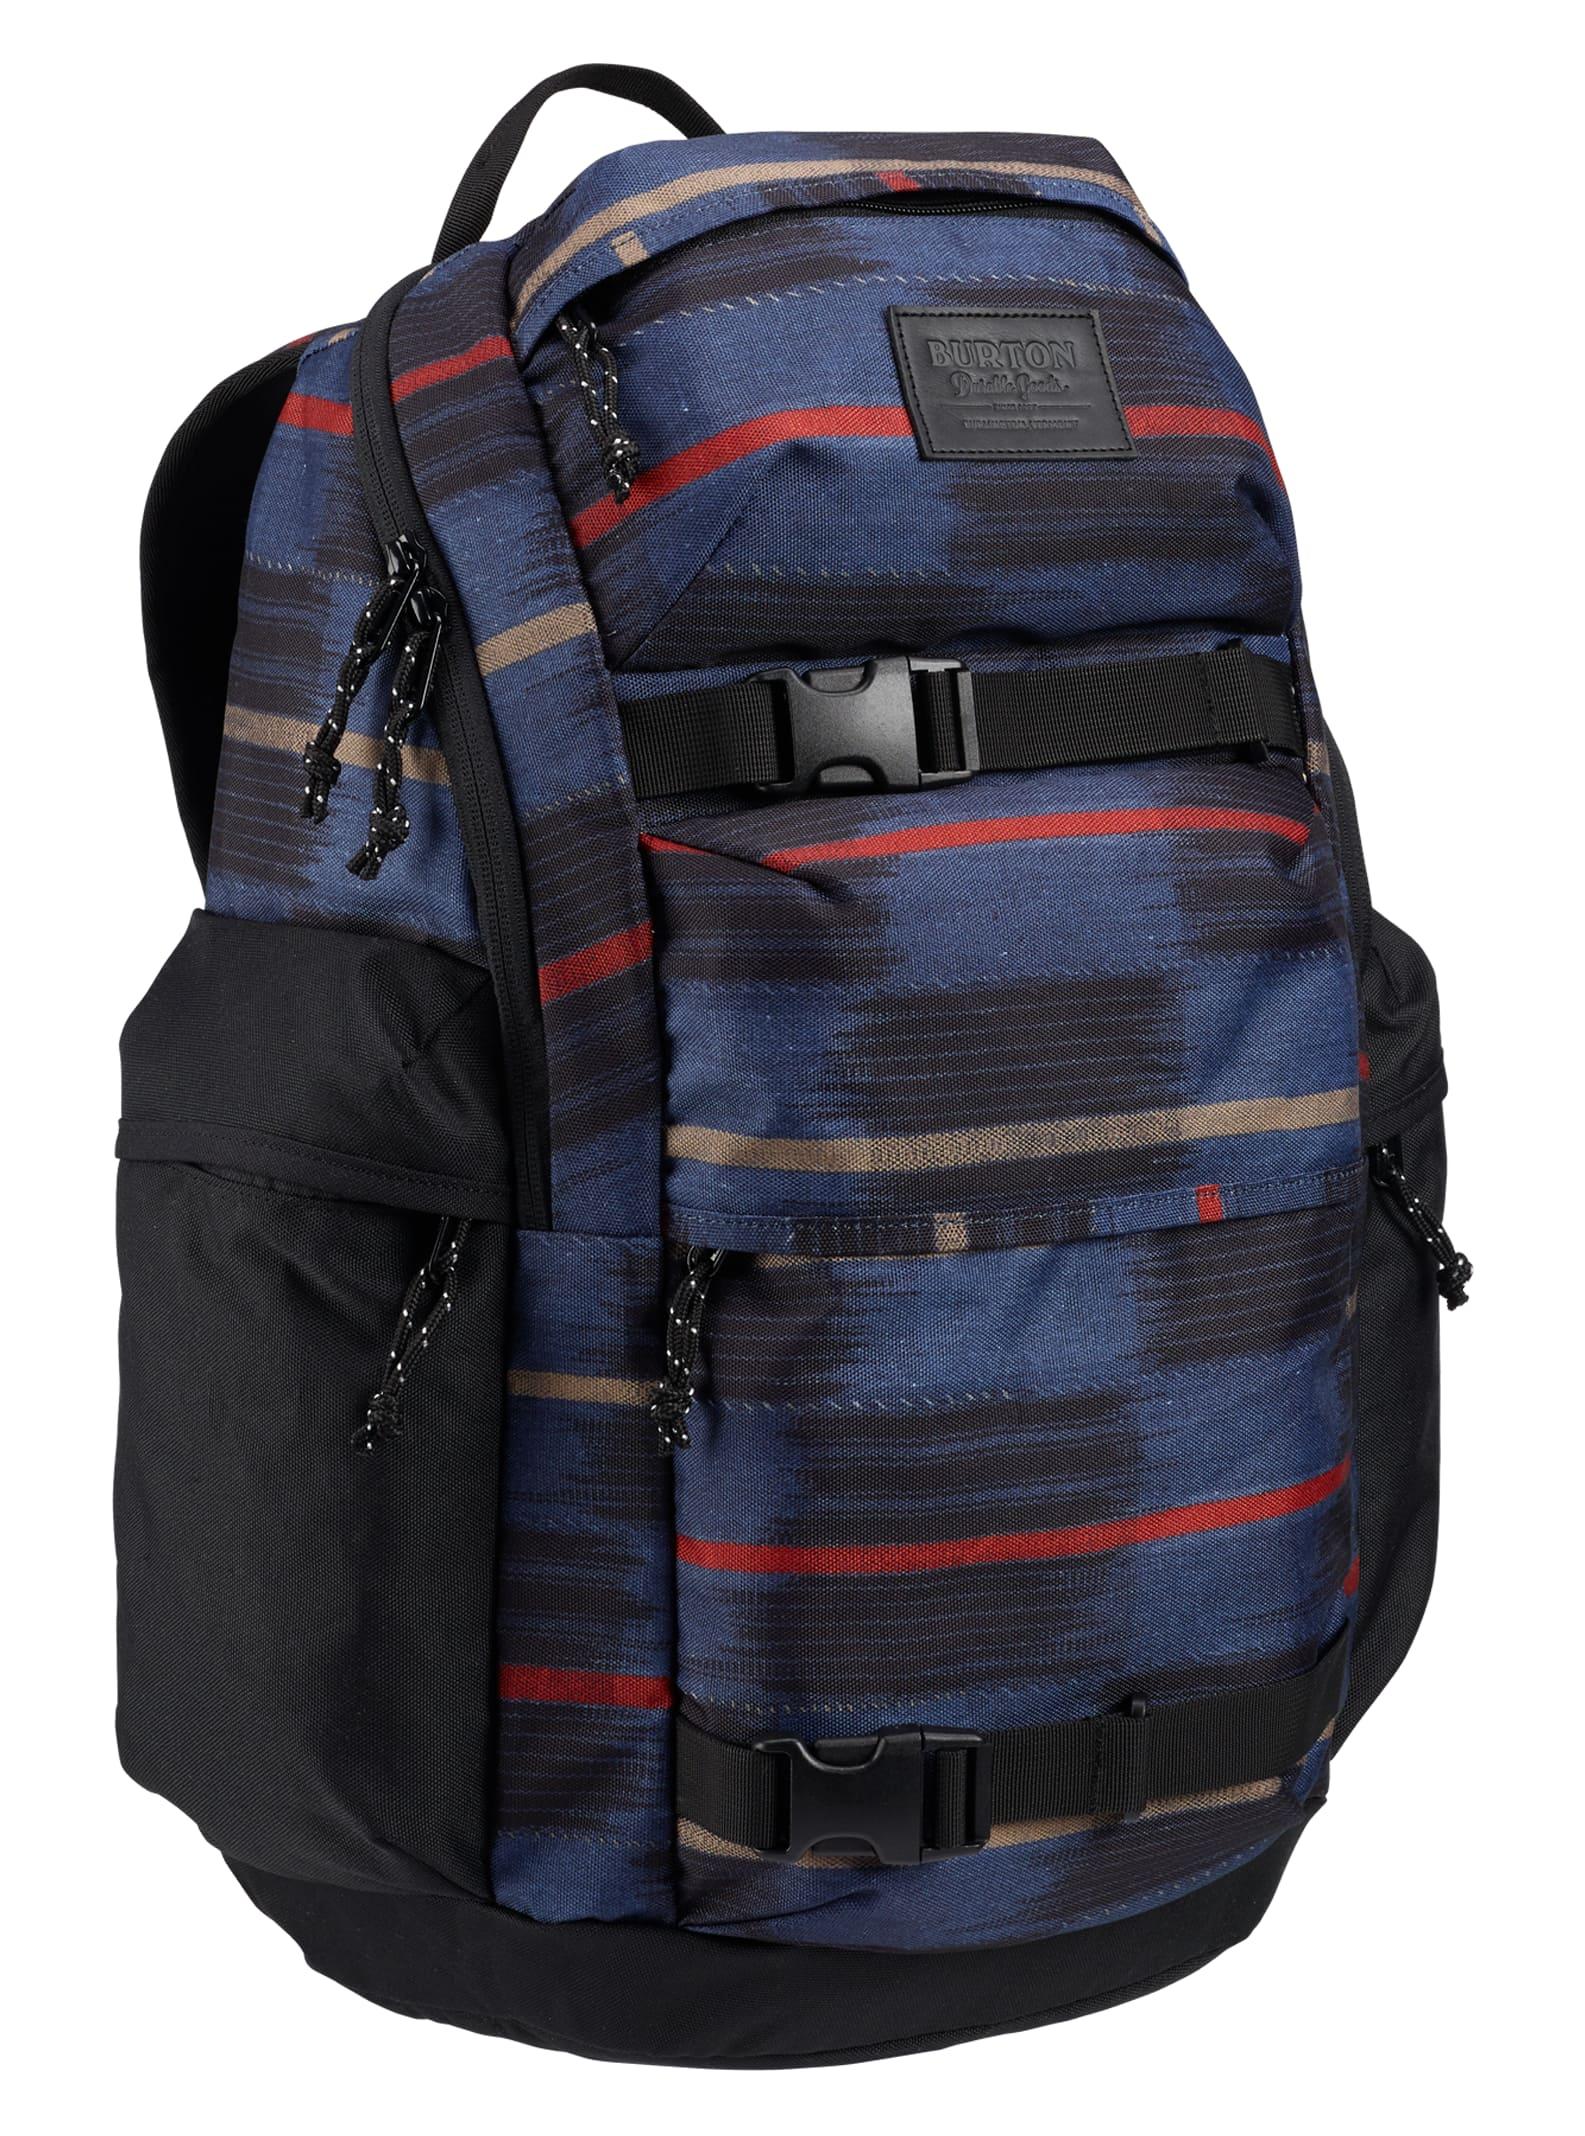 Burton Kilo Backpack  941b5a000e504